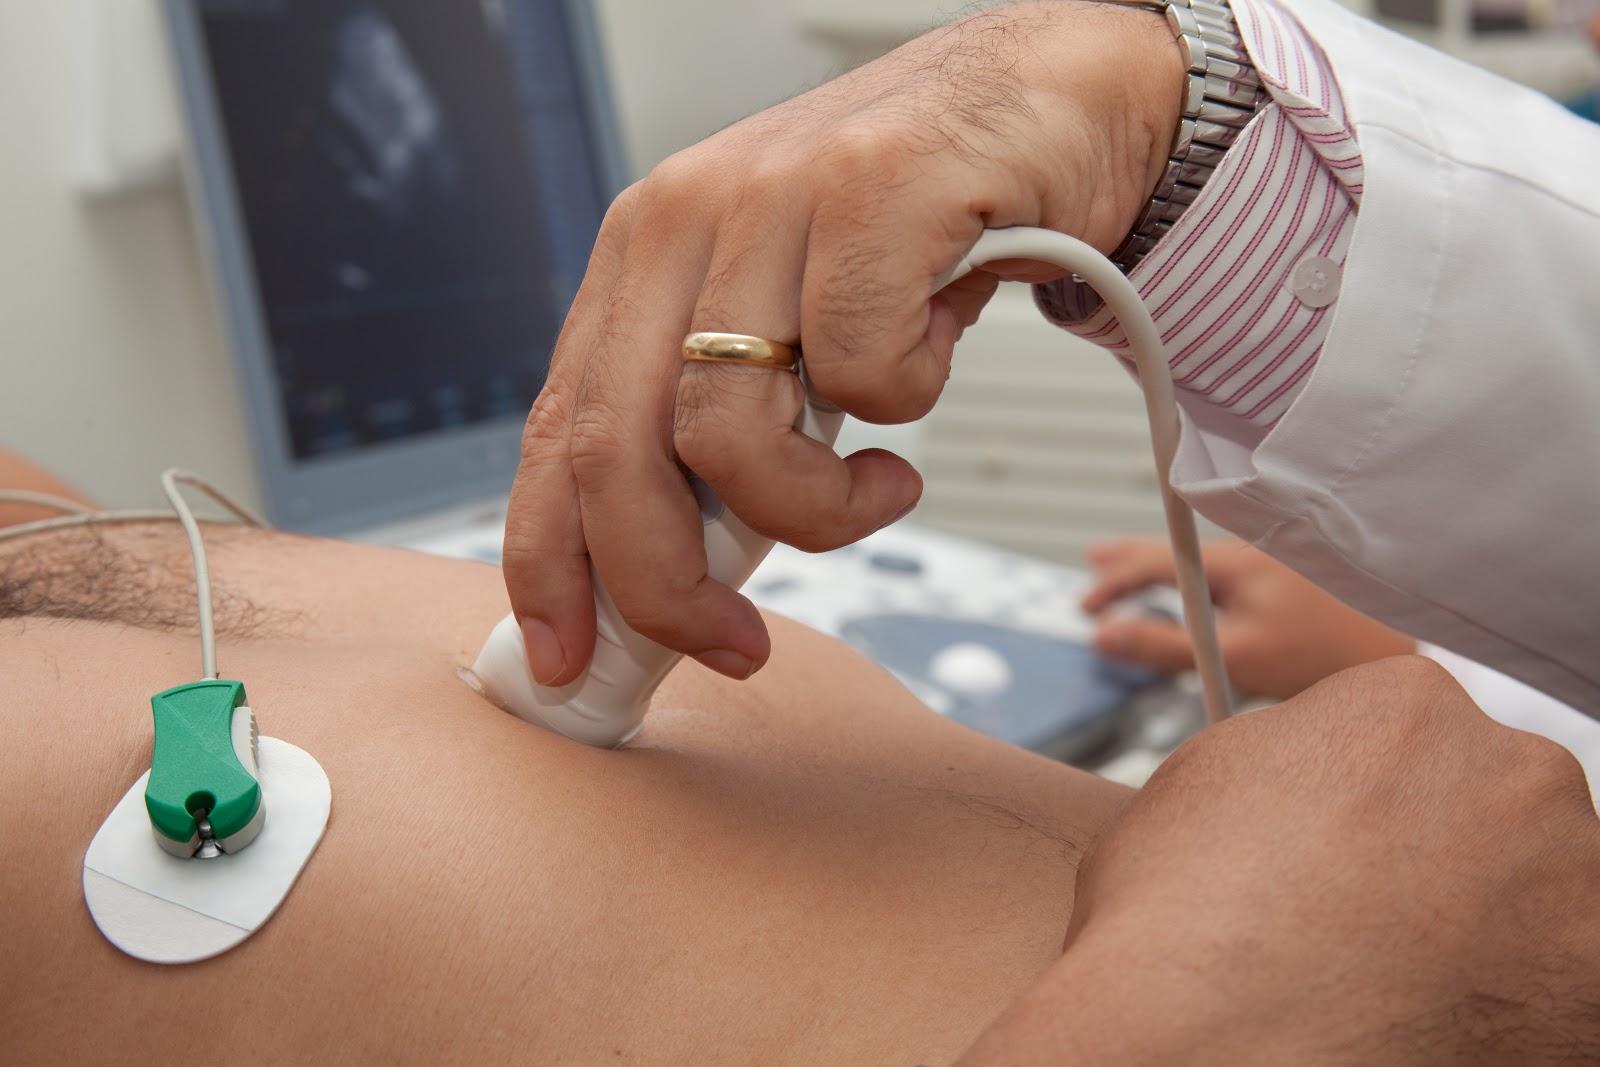 Patient undergoing a heart ultrasound